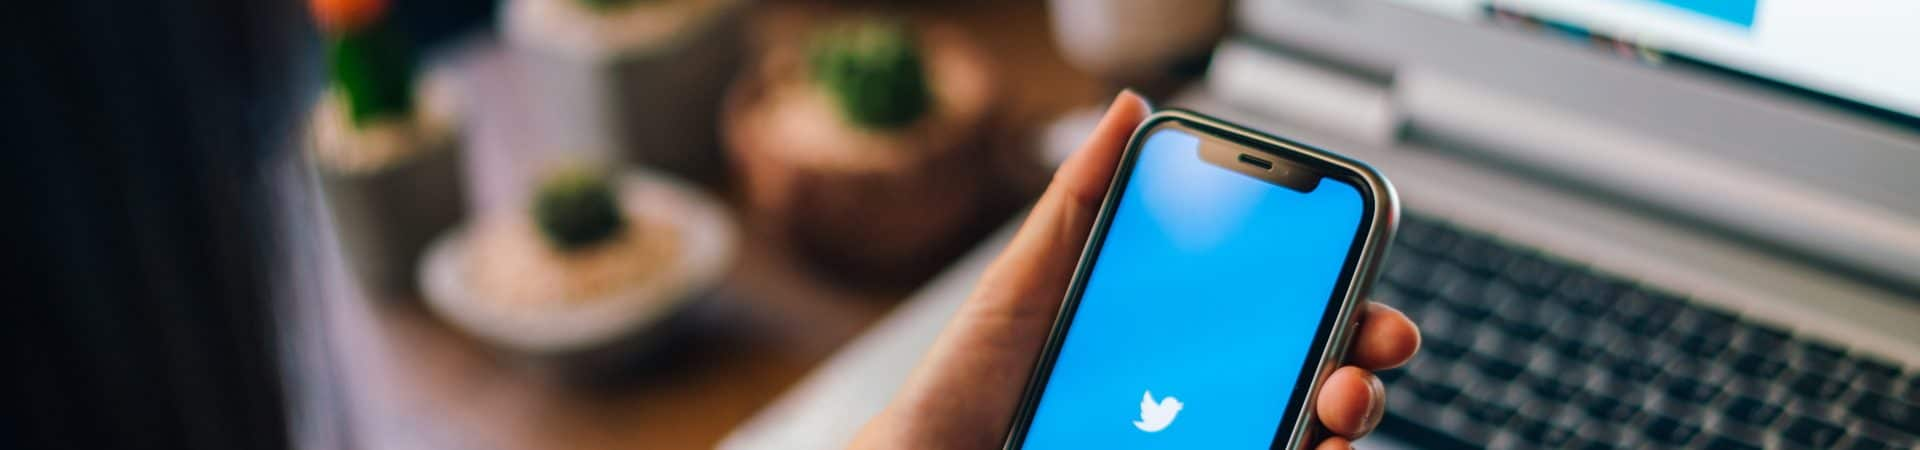 usuário acessando o twitter via smartphone